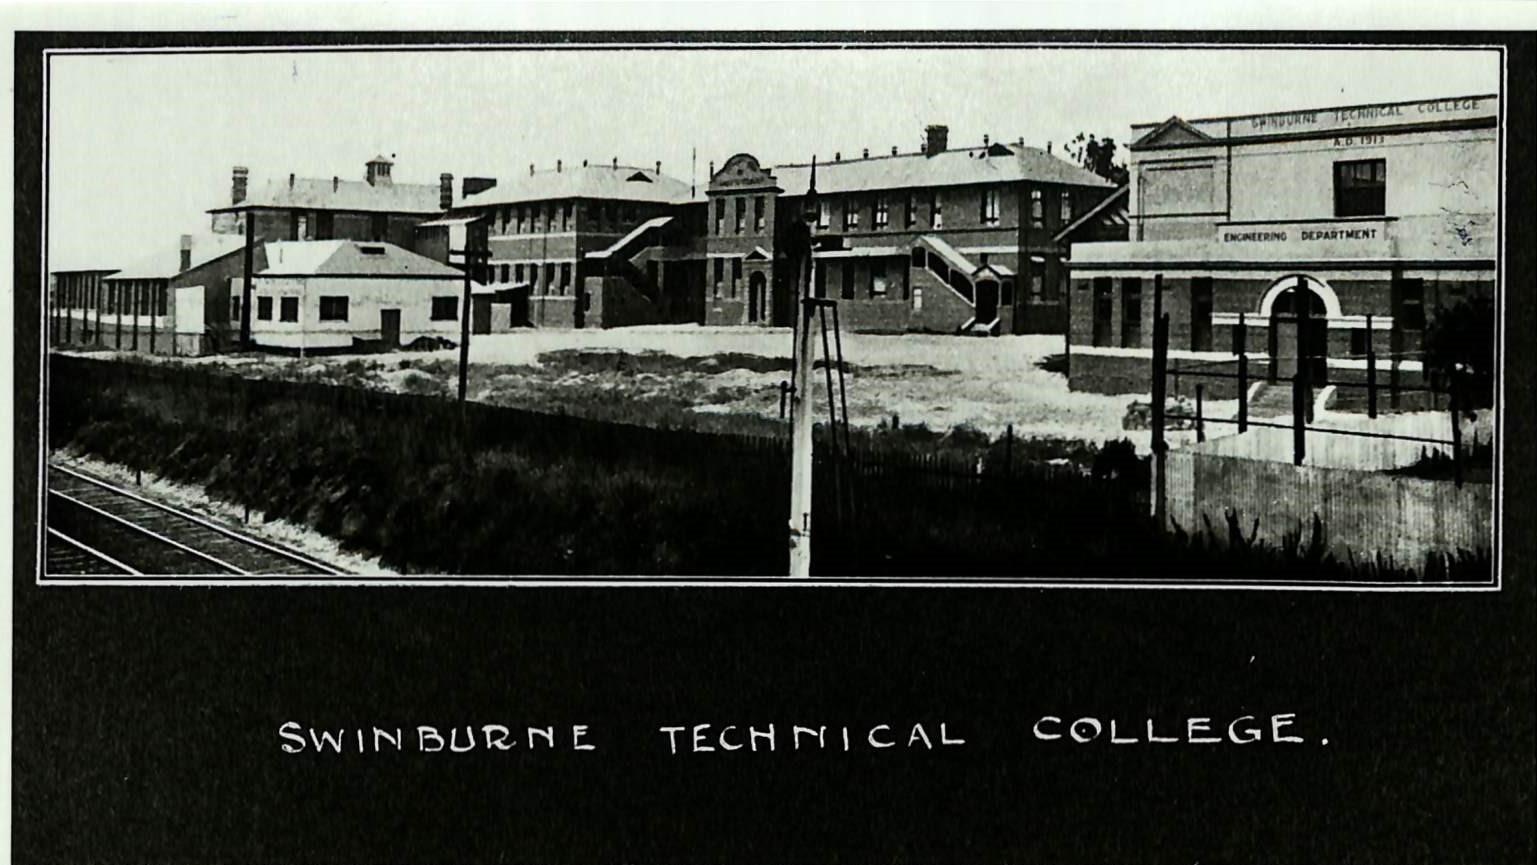 Swinburne Technical School then